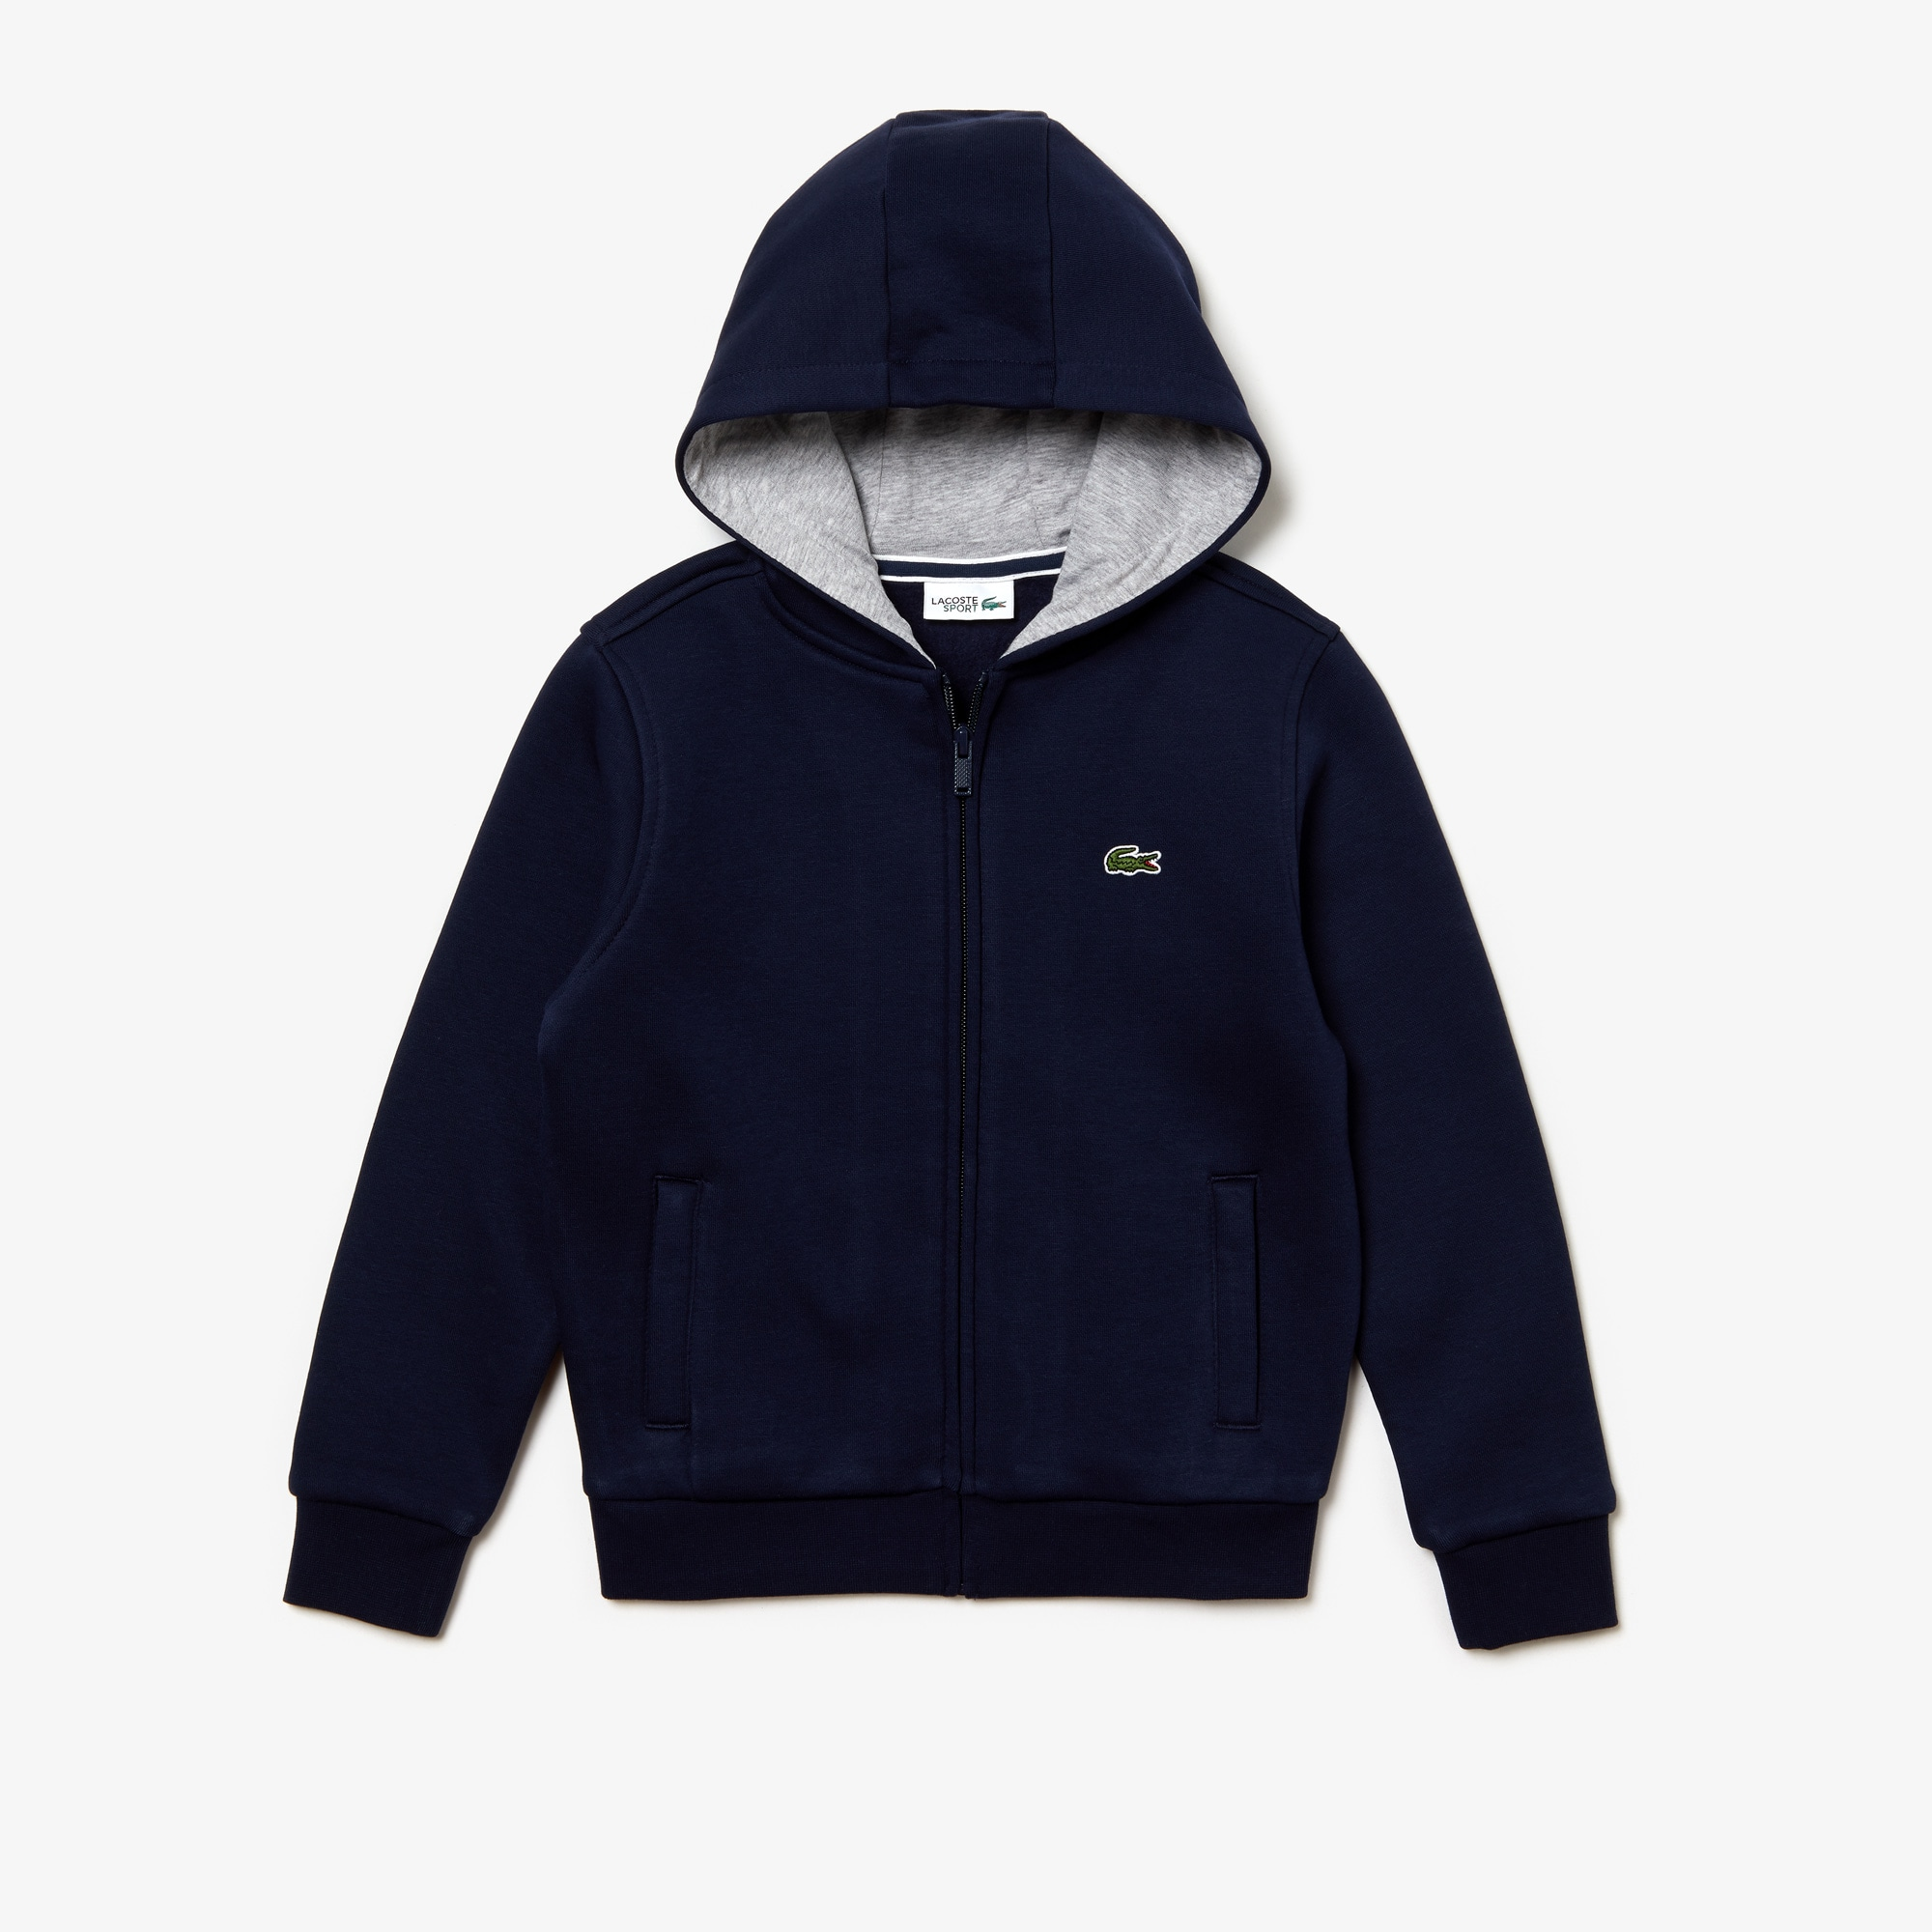 Sweatshirt zippé Enfant Tennis Lacoste SPORT en molleton uni